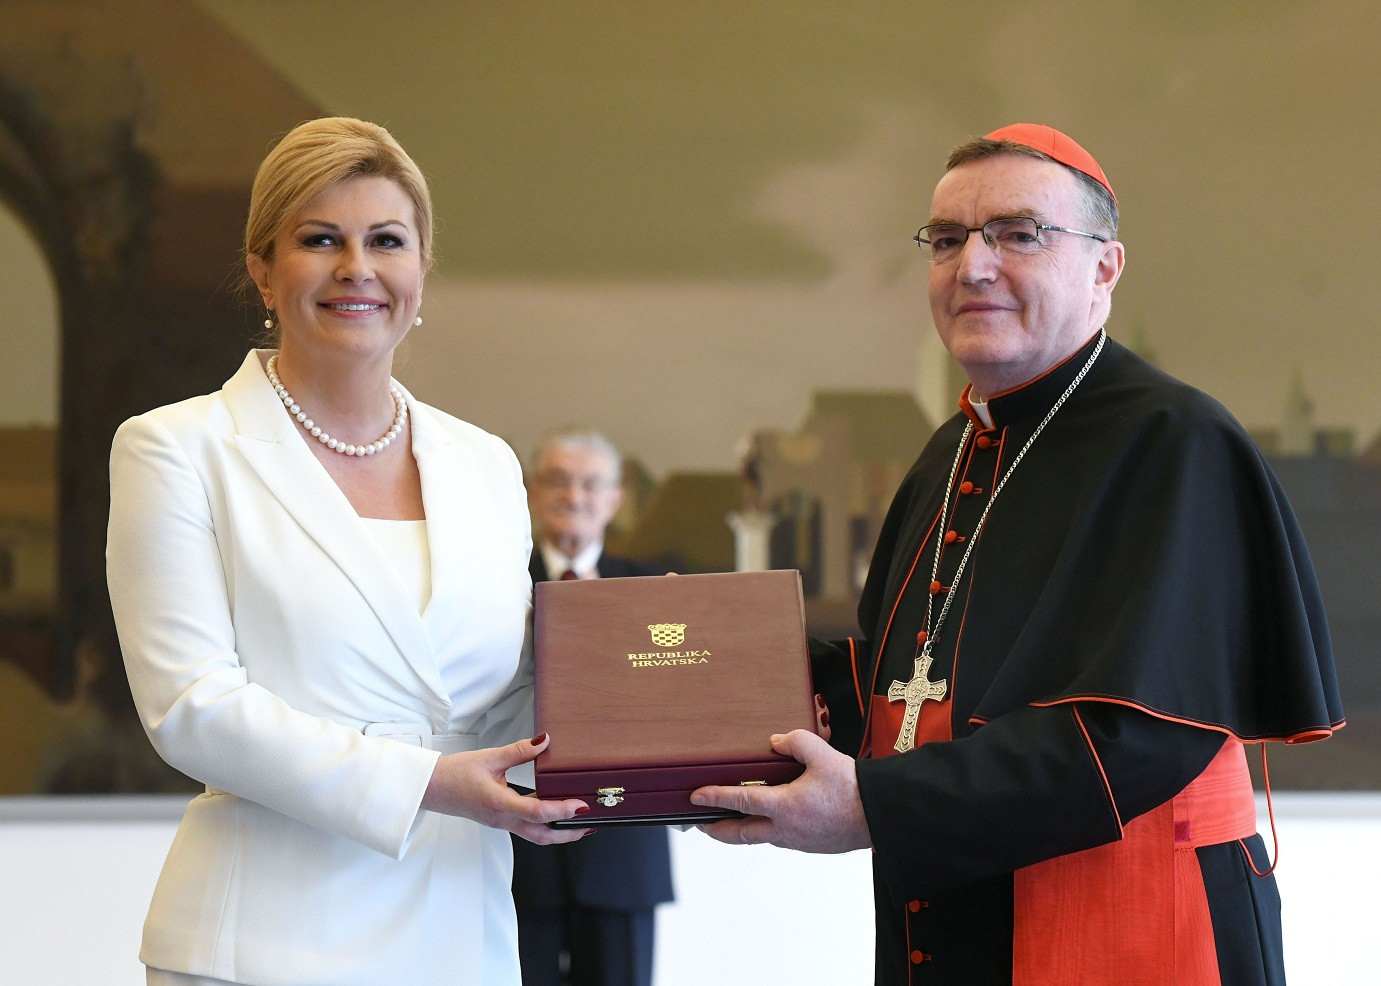 Prvi nositelj Velereda predsjednika Republike Franje Tuđmana: Grabar-Kitarović uručila Bozaniću posmrtno odlikovanje za kardinala Kuharića